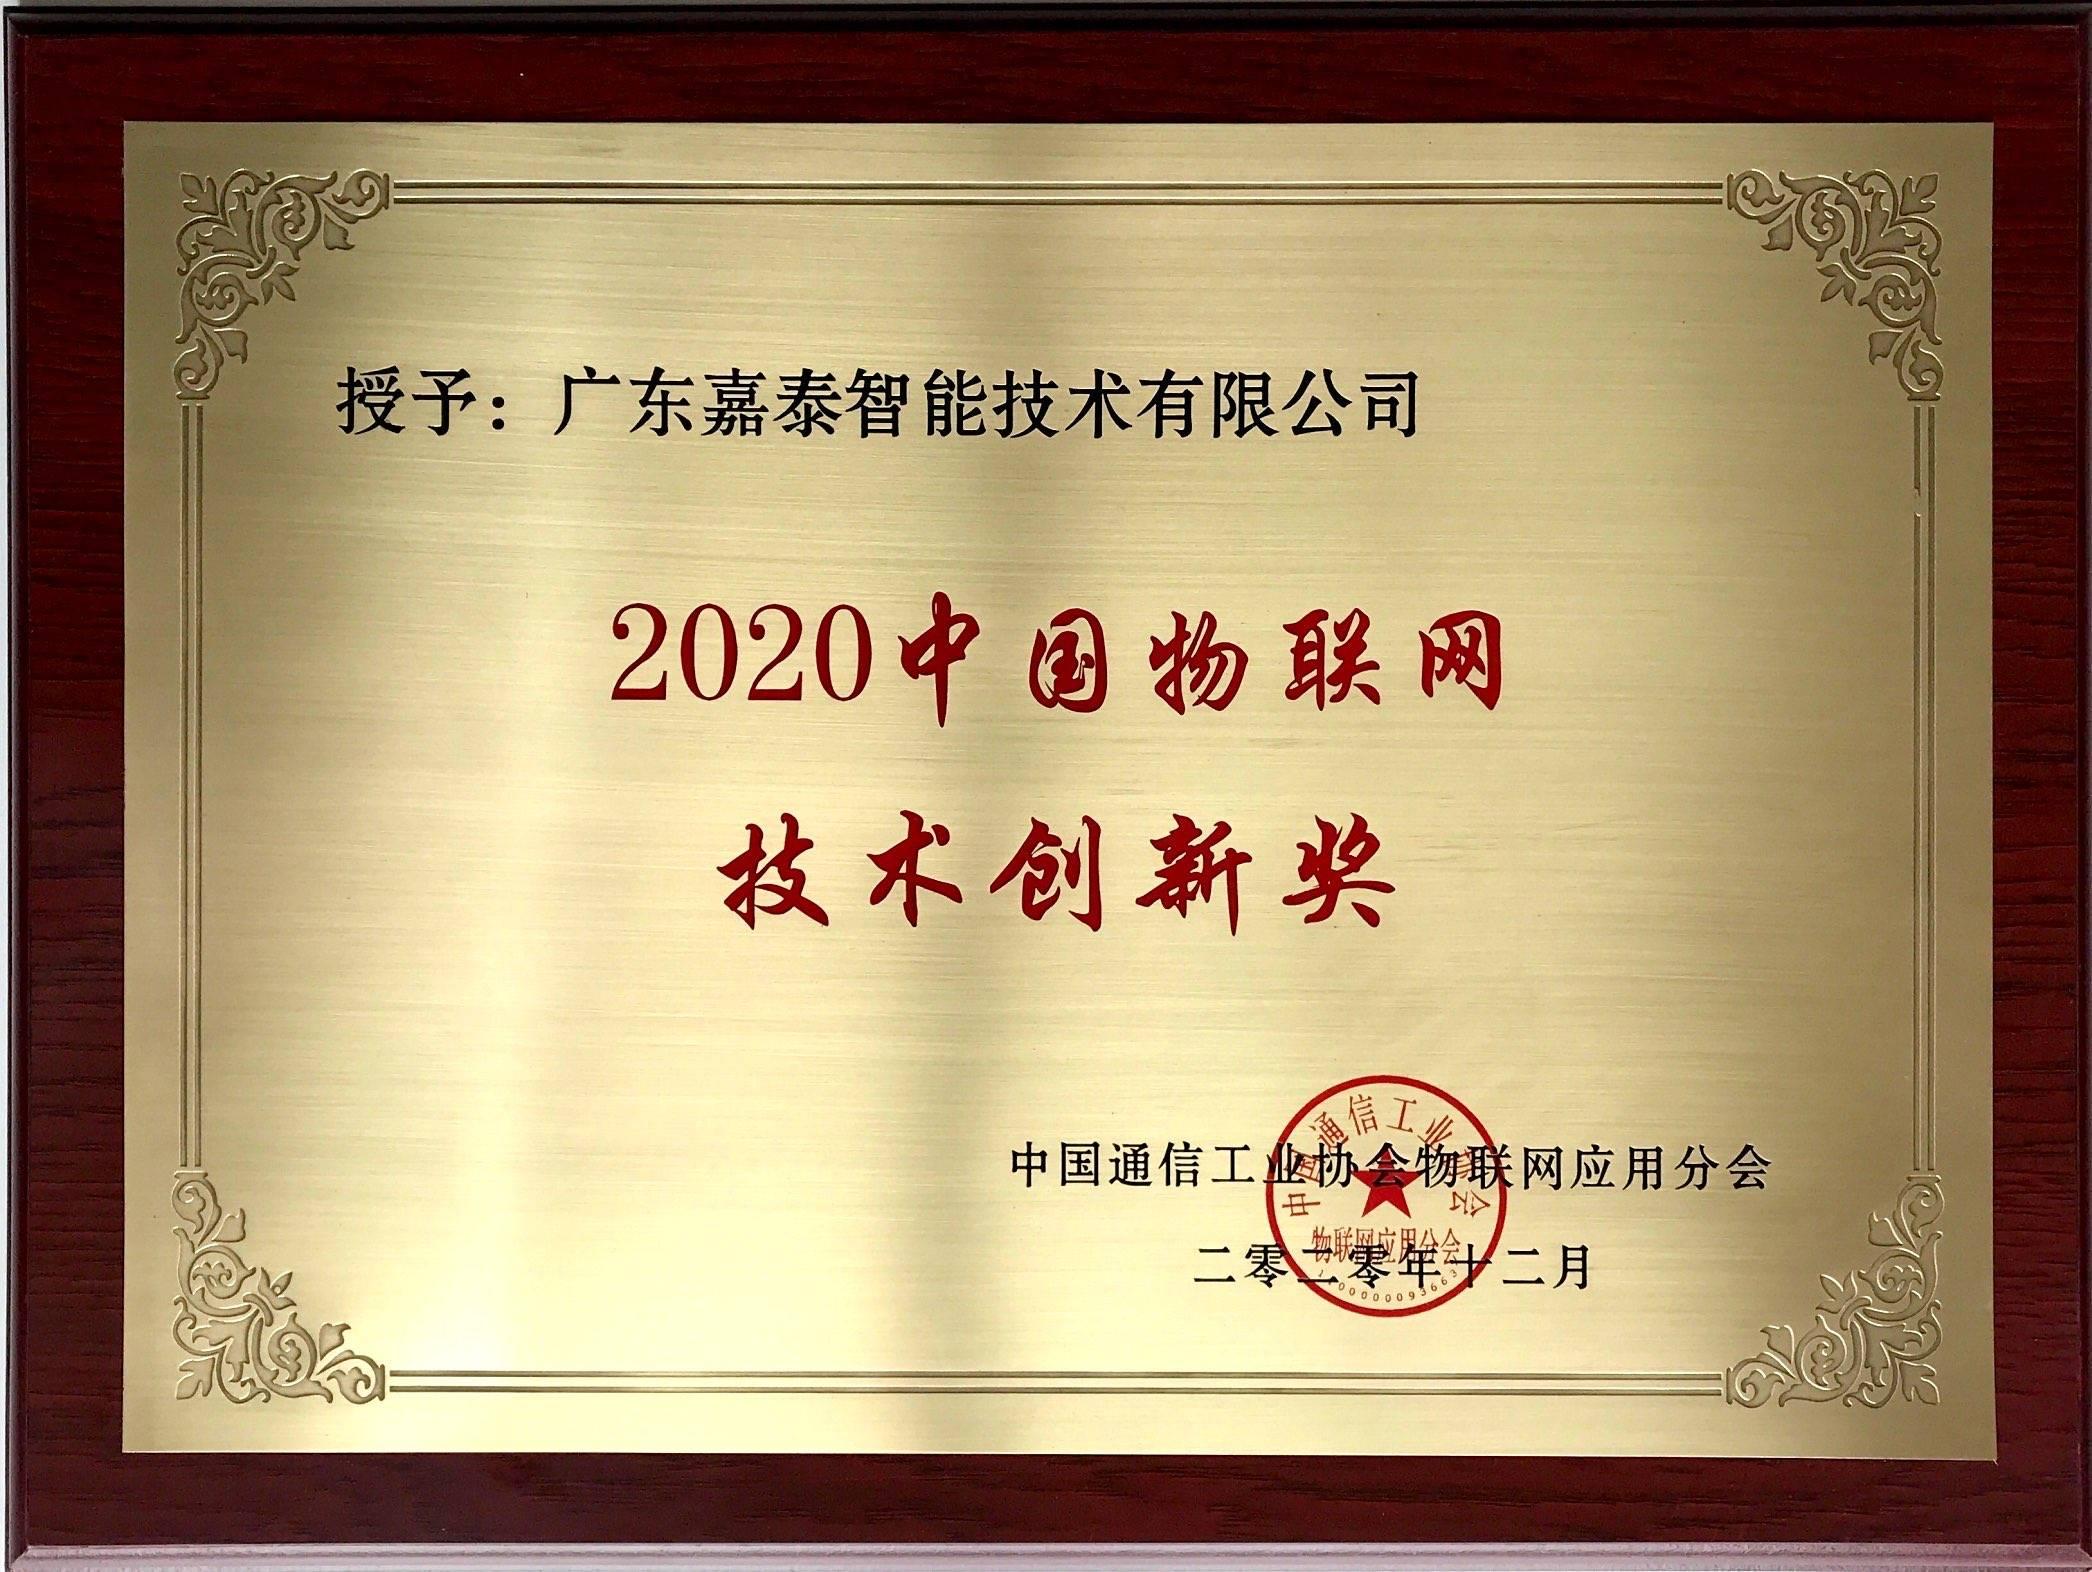 嘉泰智能获2020中国物联网技术创新奖